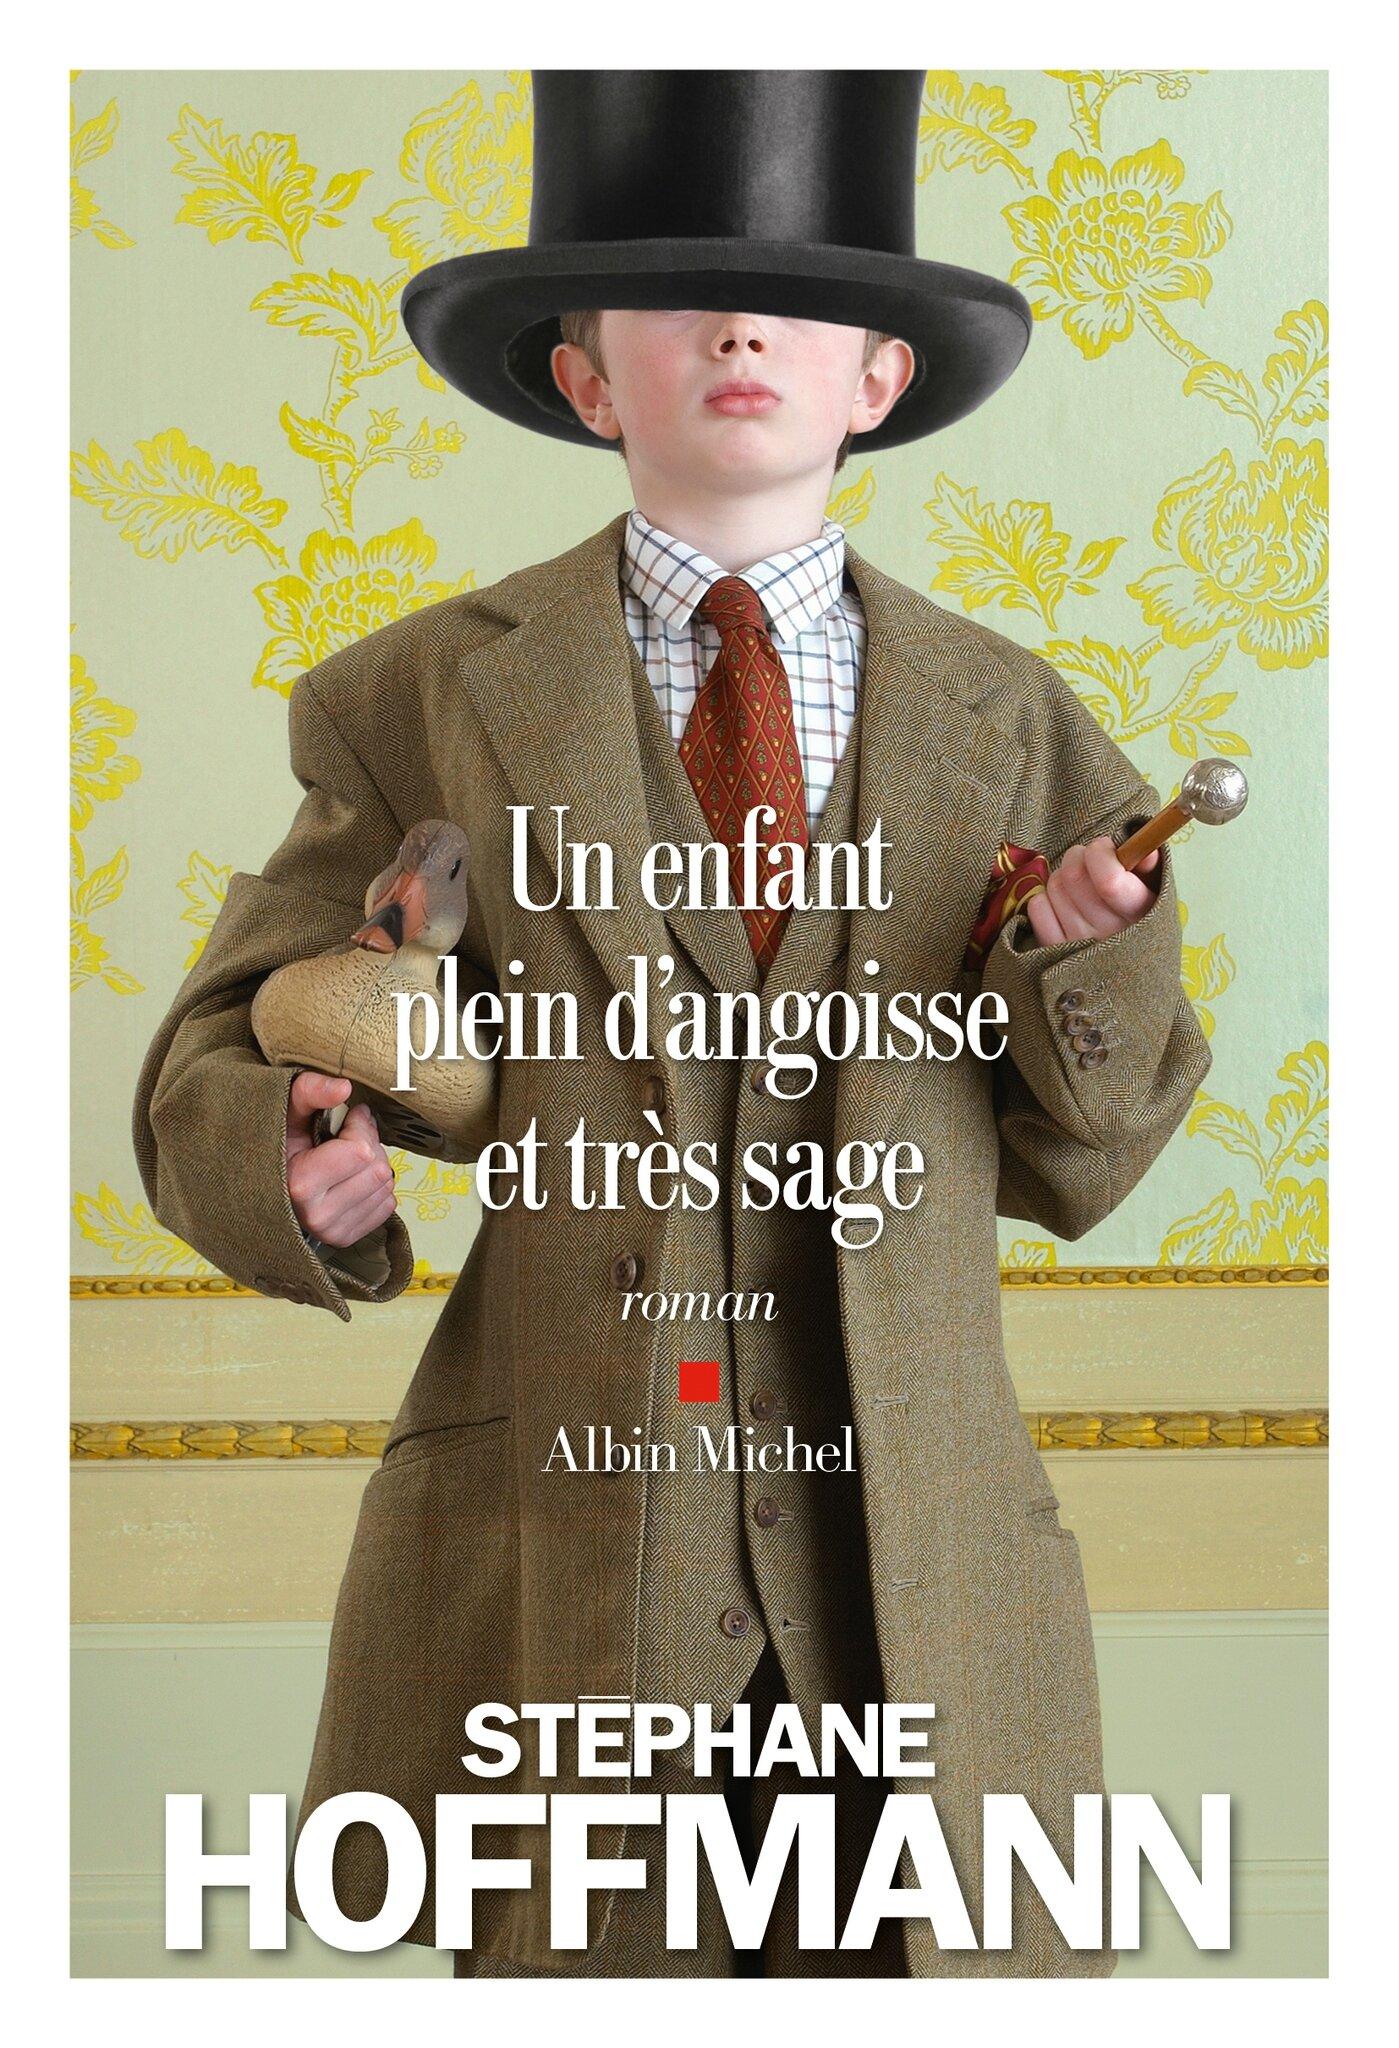 Un enfant plein d'angoisse et très sage, Stéphane Hoffmann